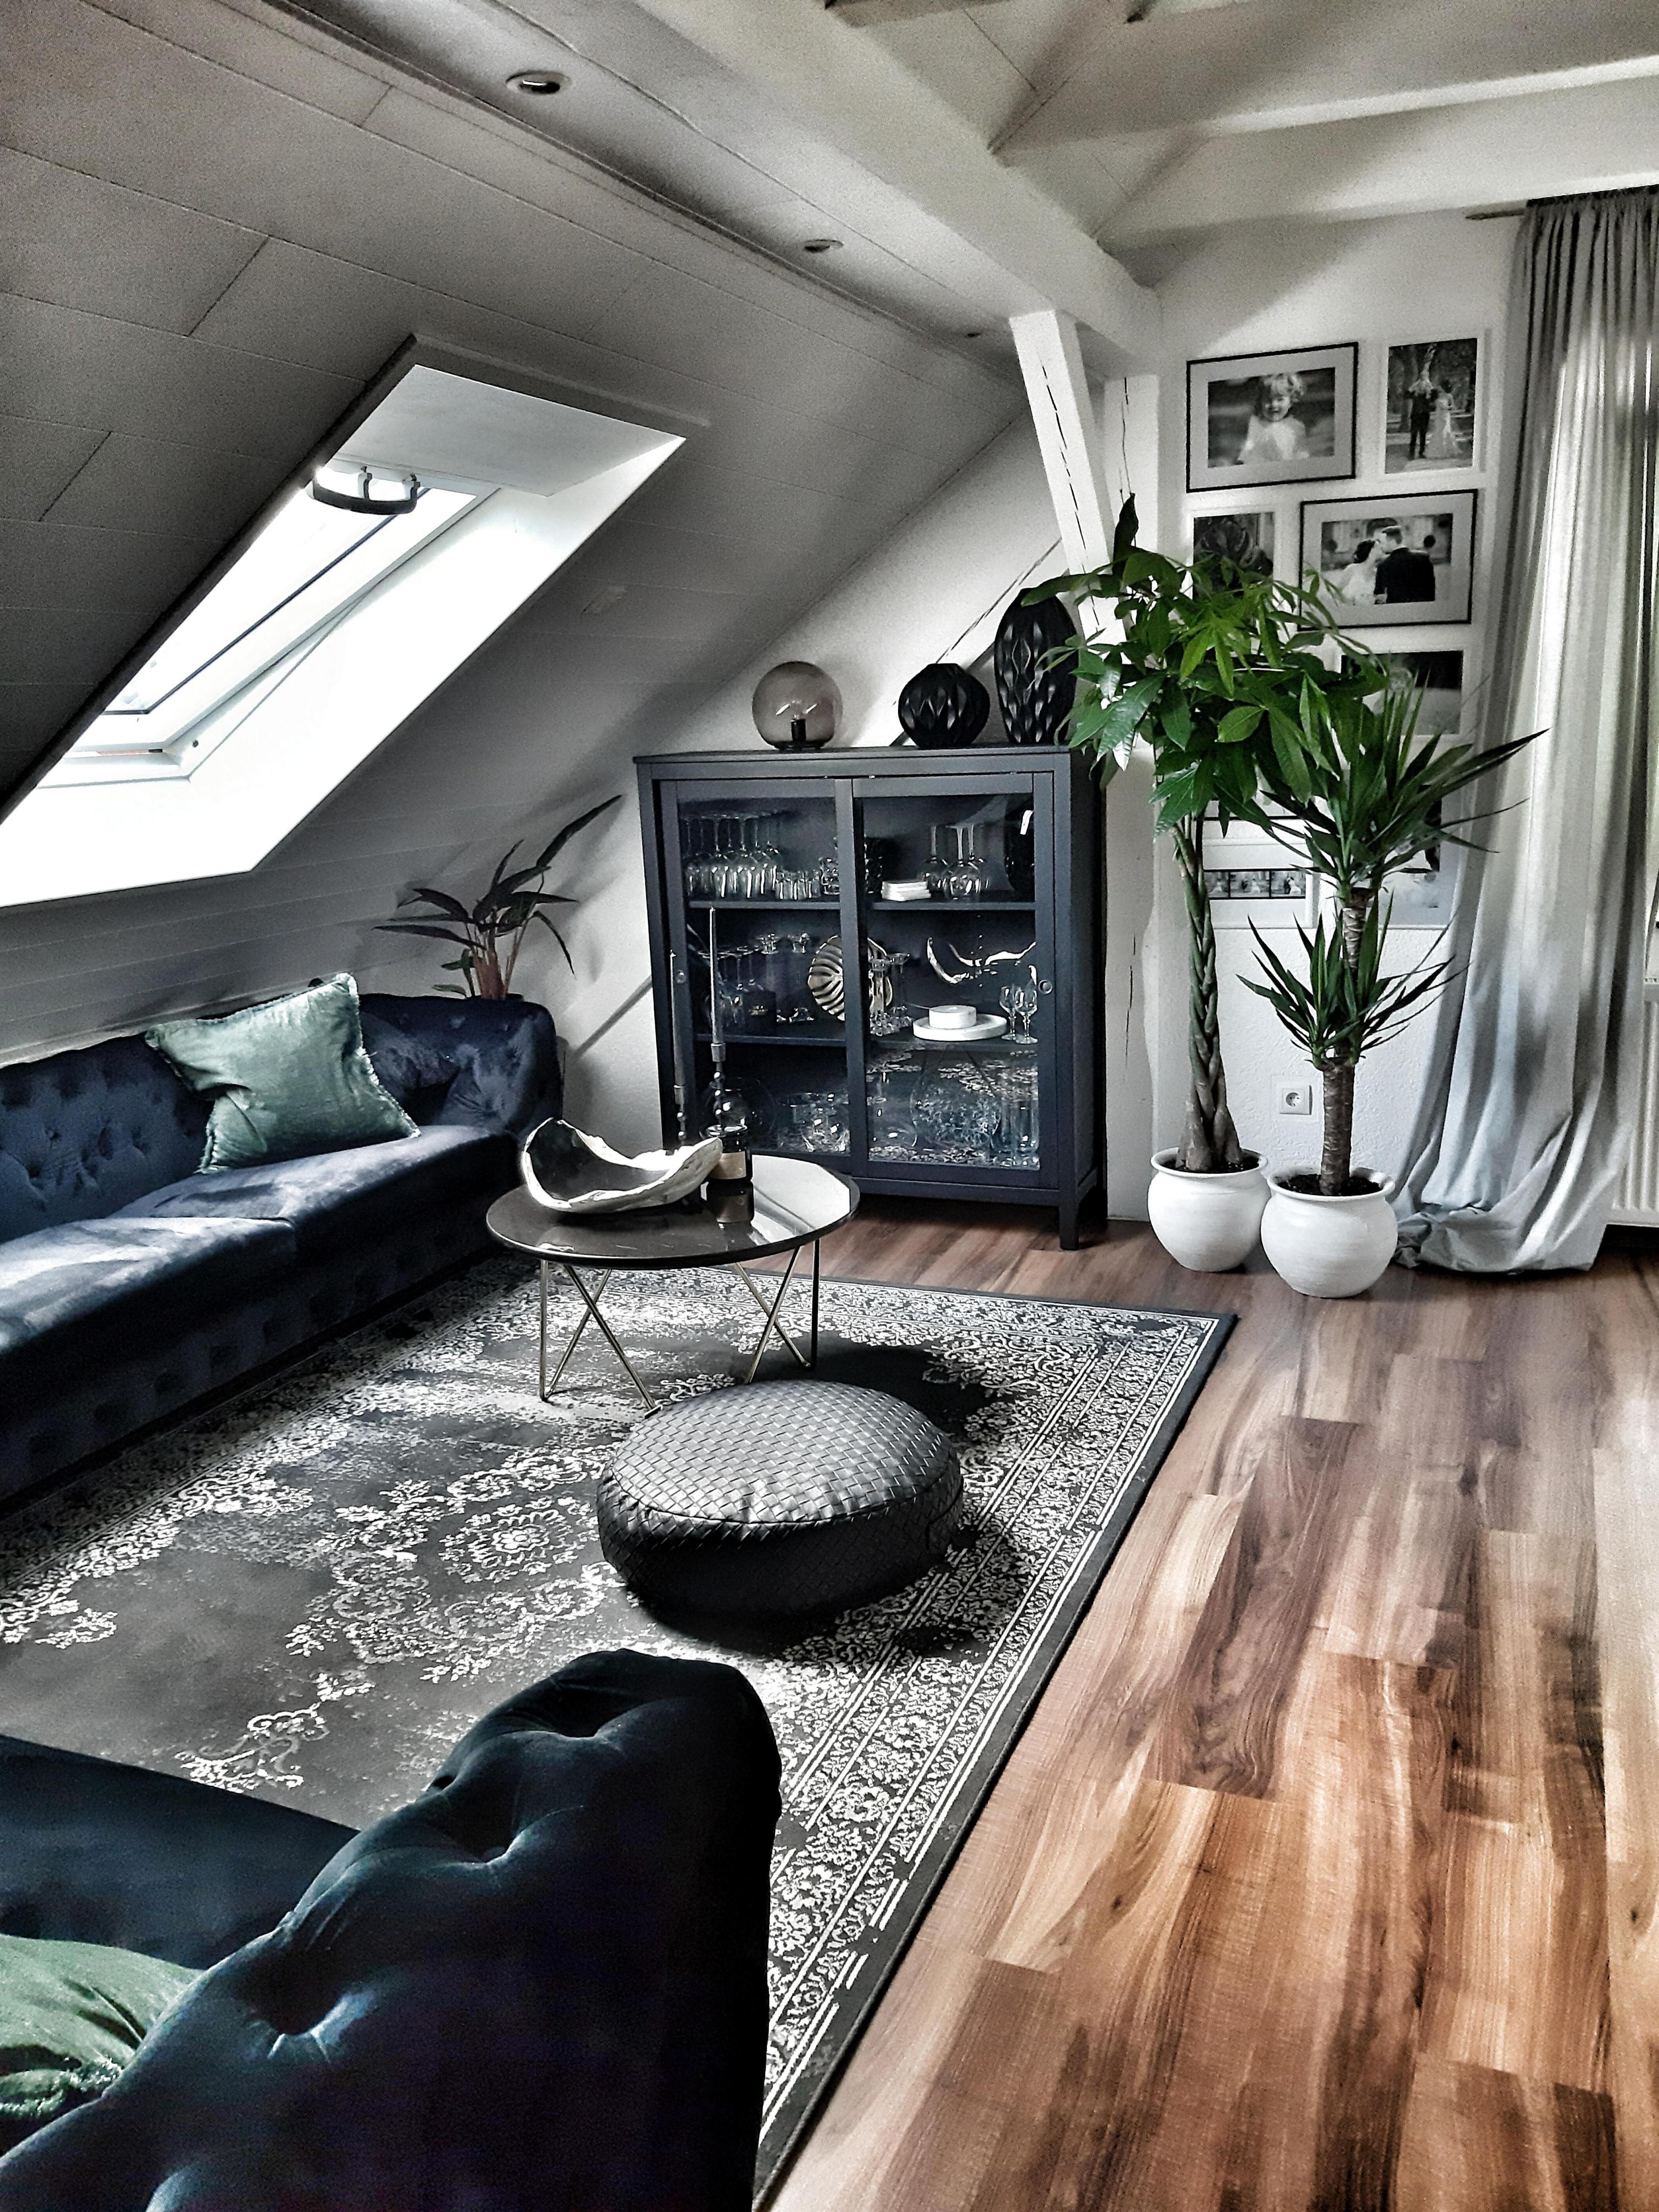 Wohnideen Wohnzimmer Dachgeschoss – Caseconrad von Wohnzimmer Dachgeschoss Gestalten Bild